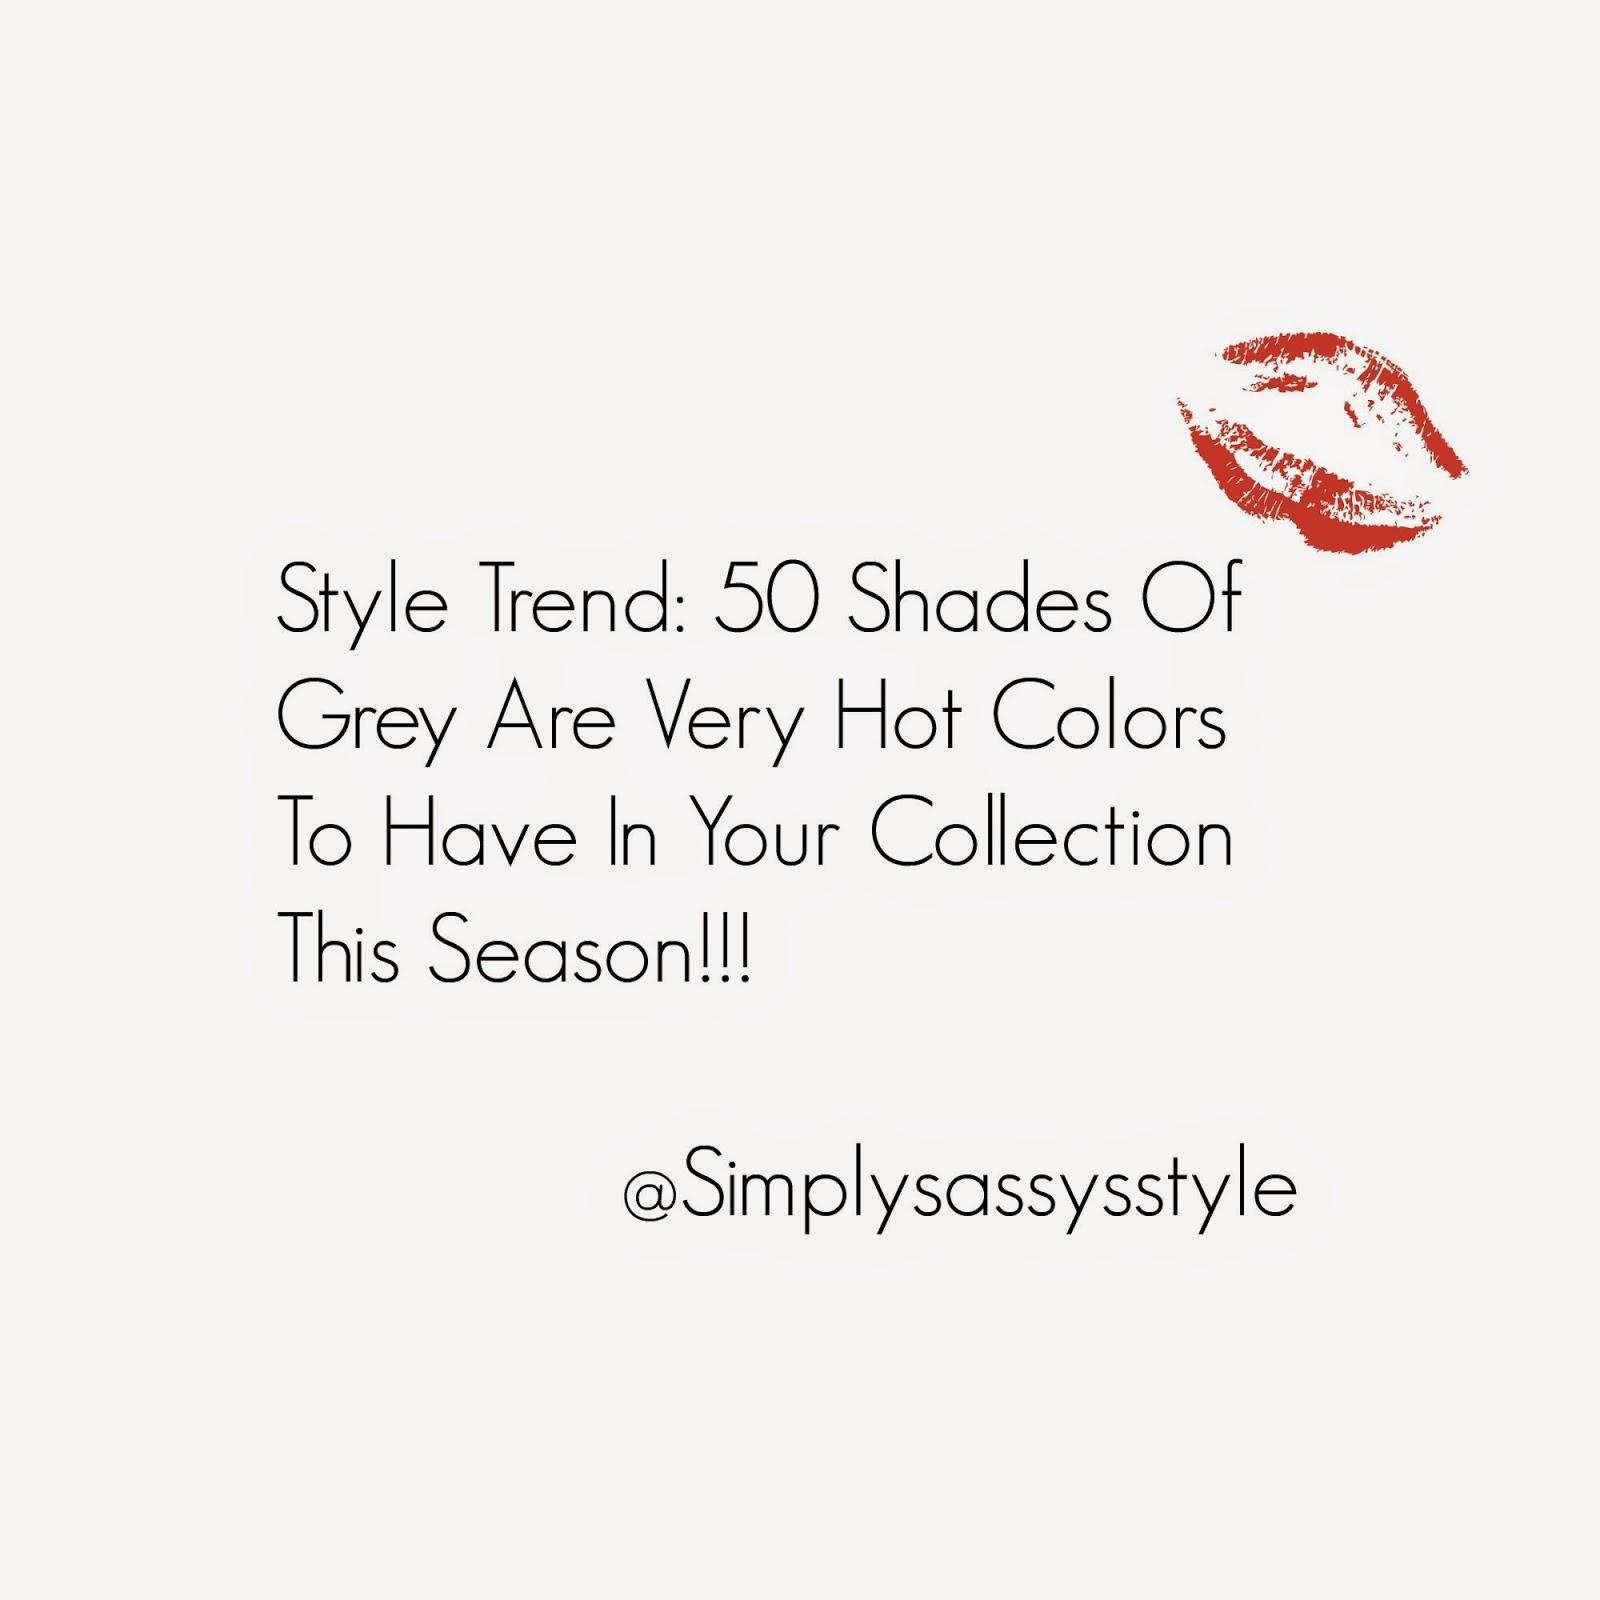 Fashion & Style www.simplysassysstyle.com